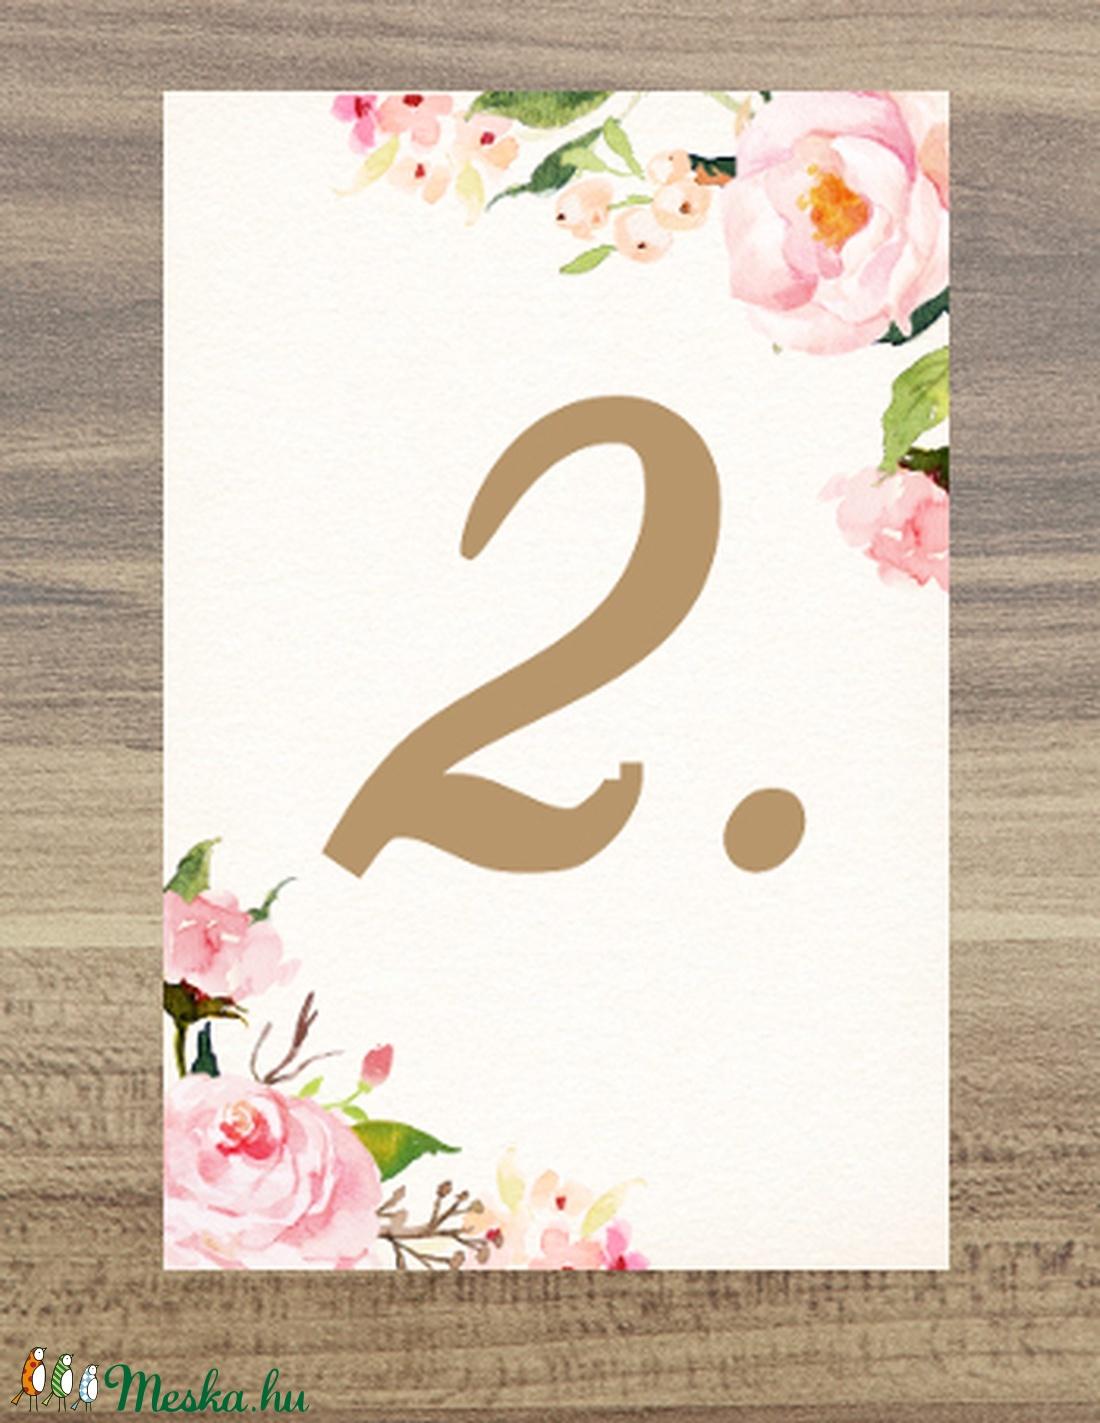 Esküvői kép, Dekoráció, kellék, Esküvői lap, Esküvő Dekor, Esküvői felirat, Vintage, Elegáns, Virágos, kártya, desszert (LindaButtercup) - Meska.hu